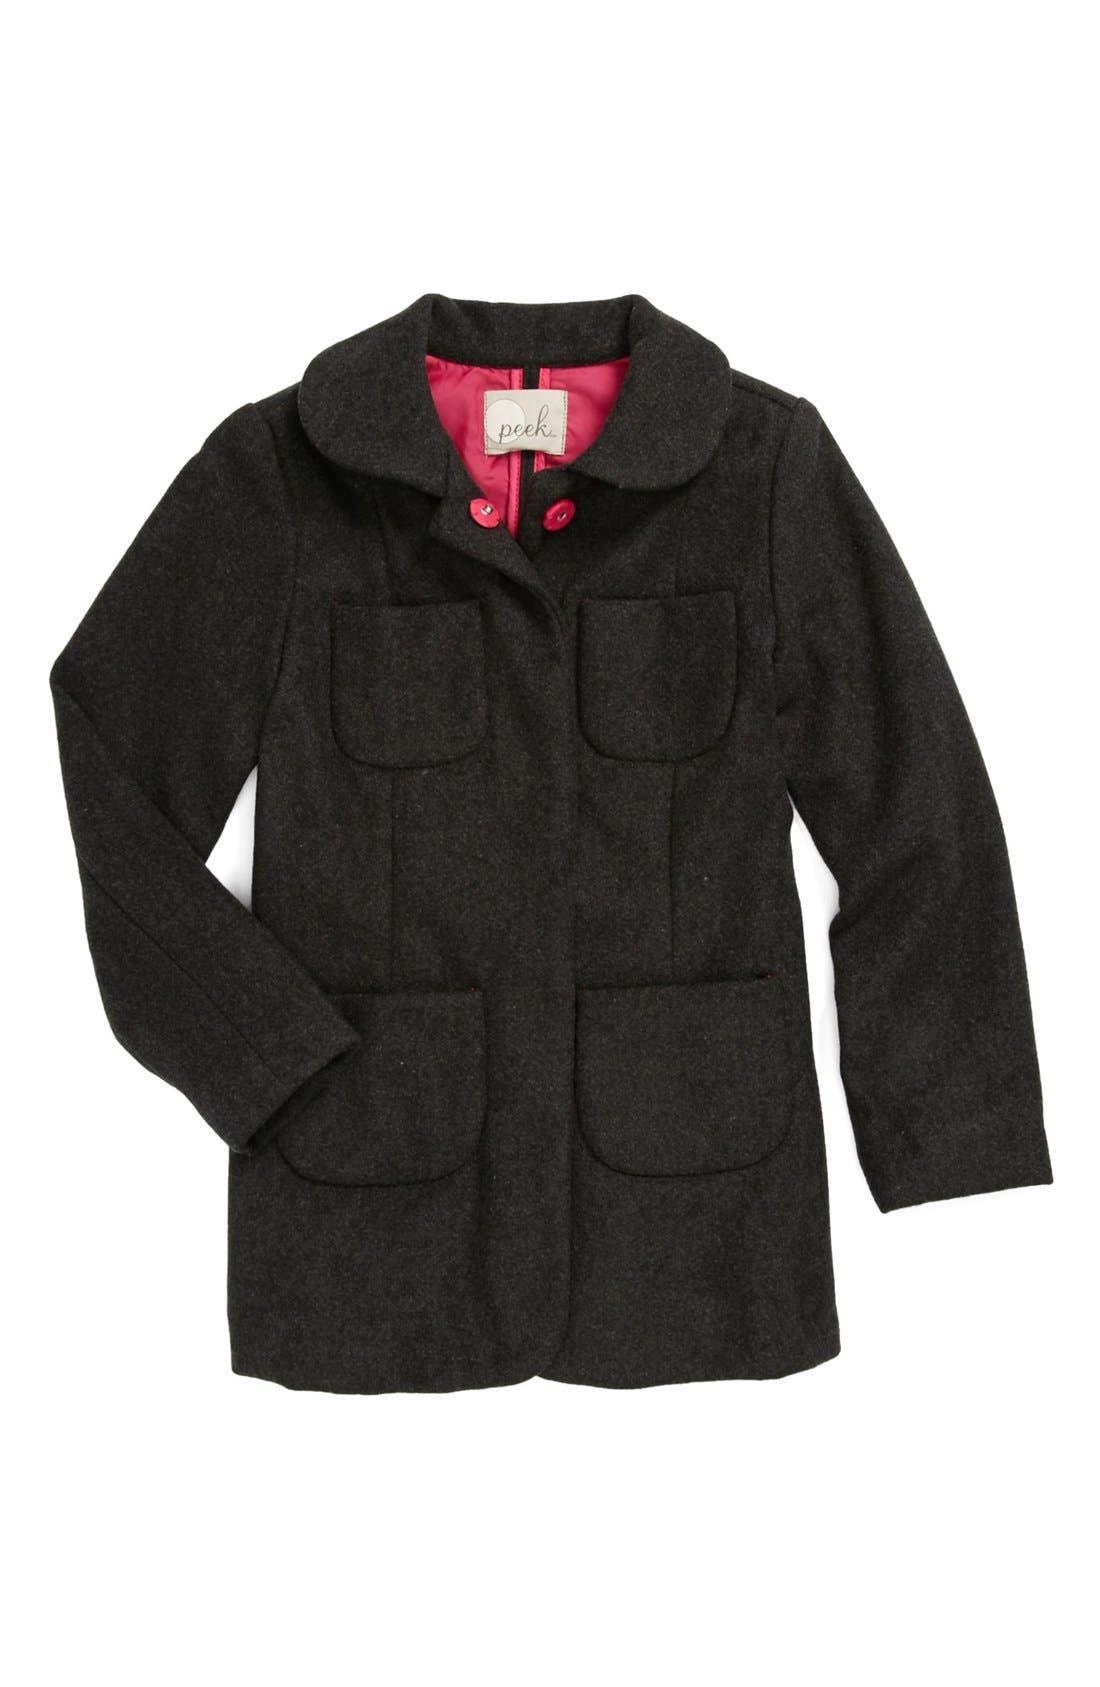 Main Image - Peek 'Tomasine' Coat (Toddler Girls, Little Girls & Big Girls)